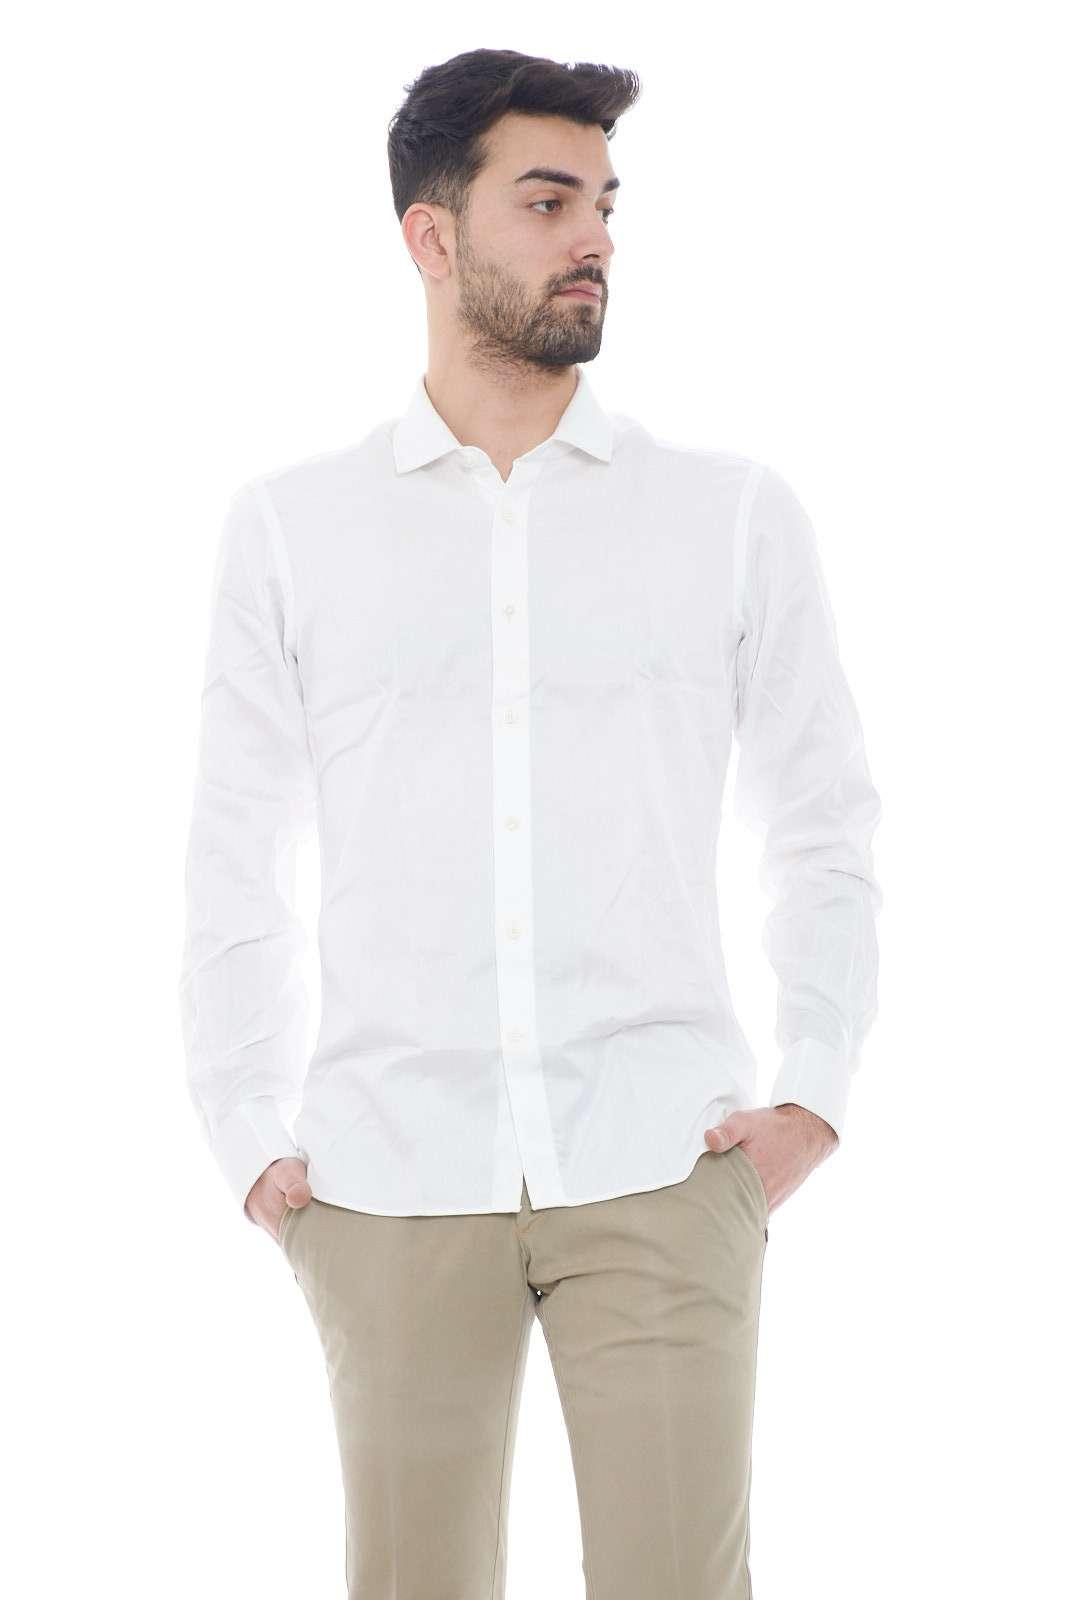 Una camicia semplice ed elegante quella proposta da Mauro Grifoni.  Un tocco di eleganza è dato dai gemelli sui polsi diverso dalla solite camicie.  Da indossare nelle occasioni più importanti è perfetta.